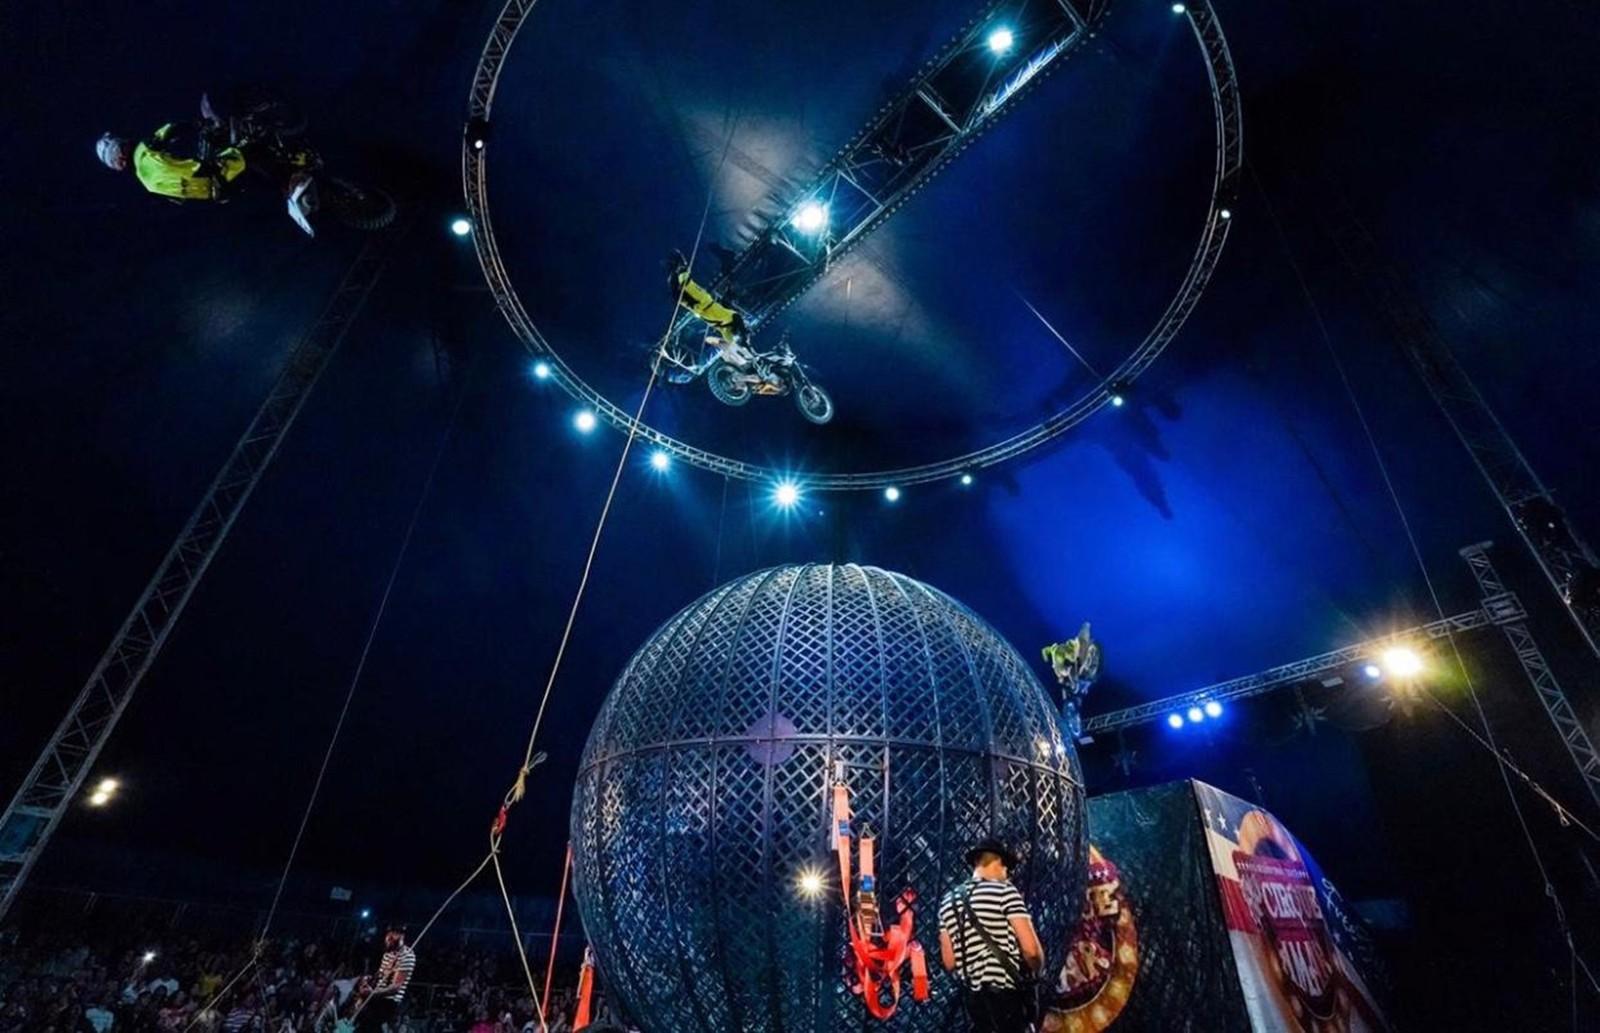 Magia do Cirque Amar levará alegria e diversão aos idosos atendidos na LBV